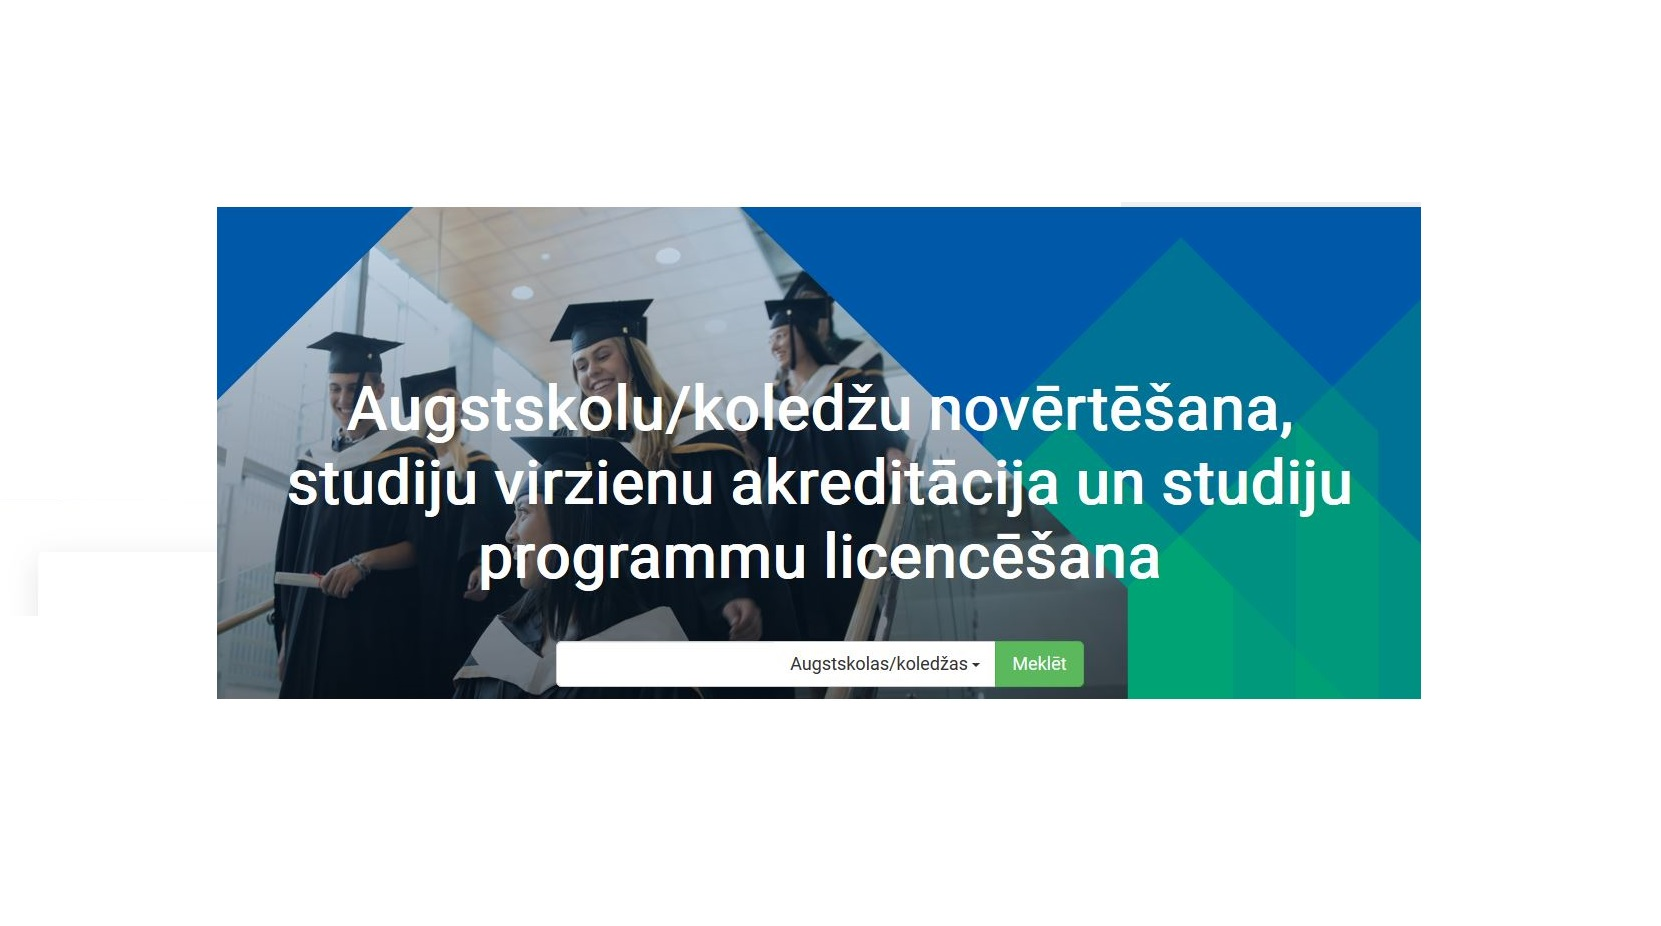 Ir izstrādāta e-platforma, kurā ikviens var iepazīties ar augstskolu, koledžu un studiju programmu akreditācijas un licenču datiem